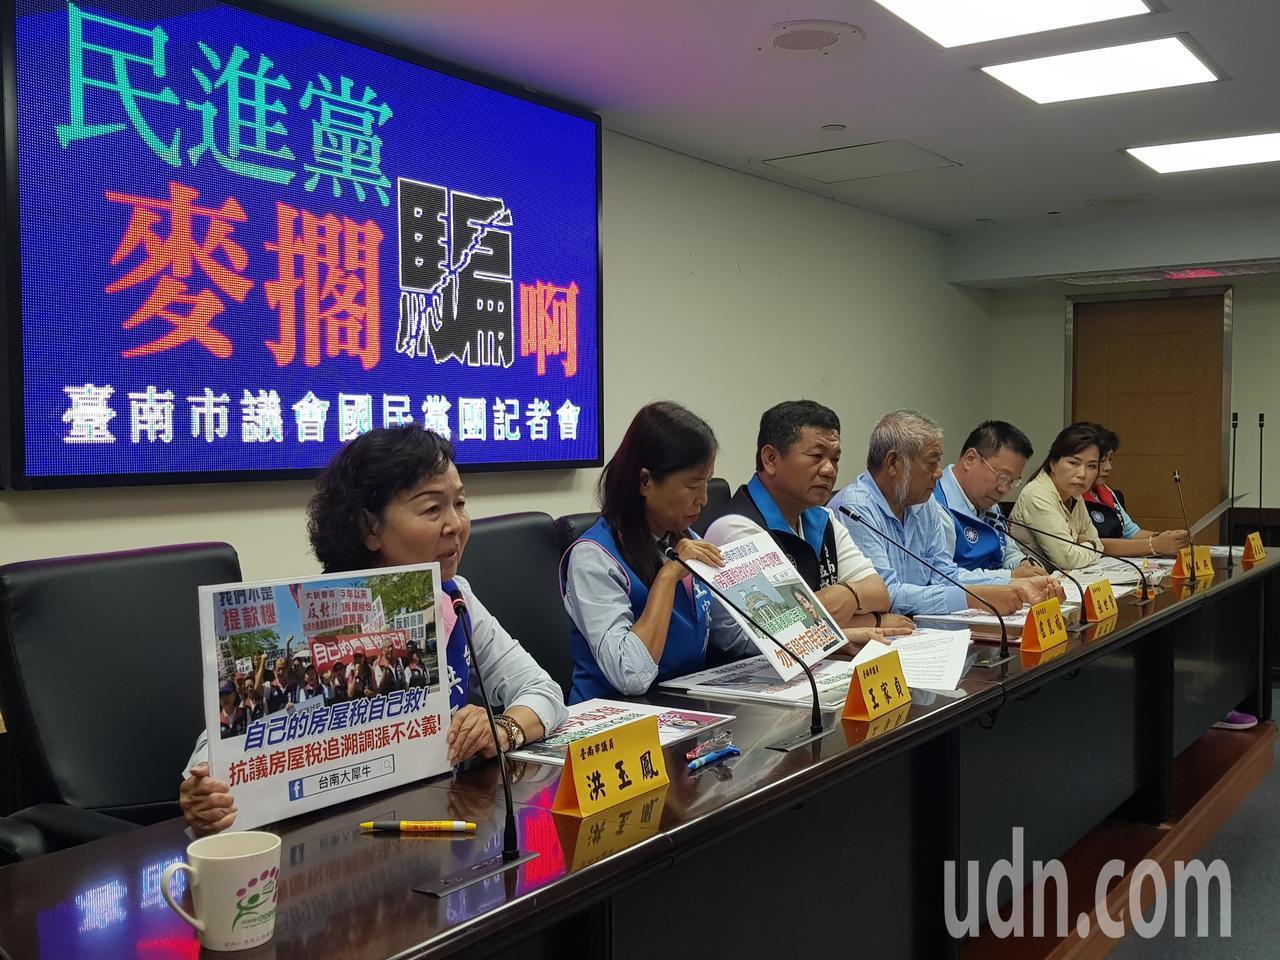 台南市議會國民黨團今天召開記者會,指民進黨議員要求凍漲房屋稅是在騙選票。記者修瑞...